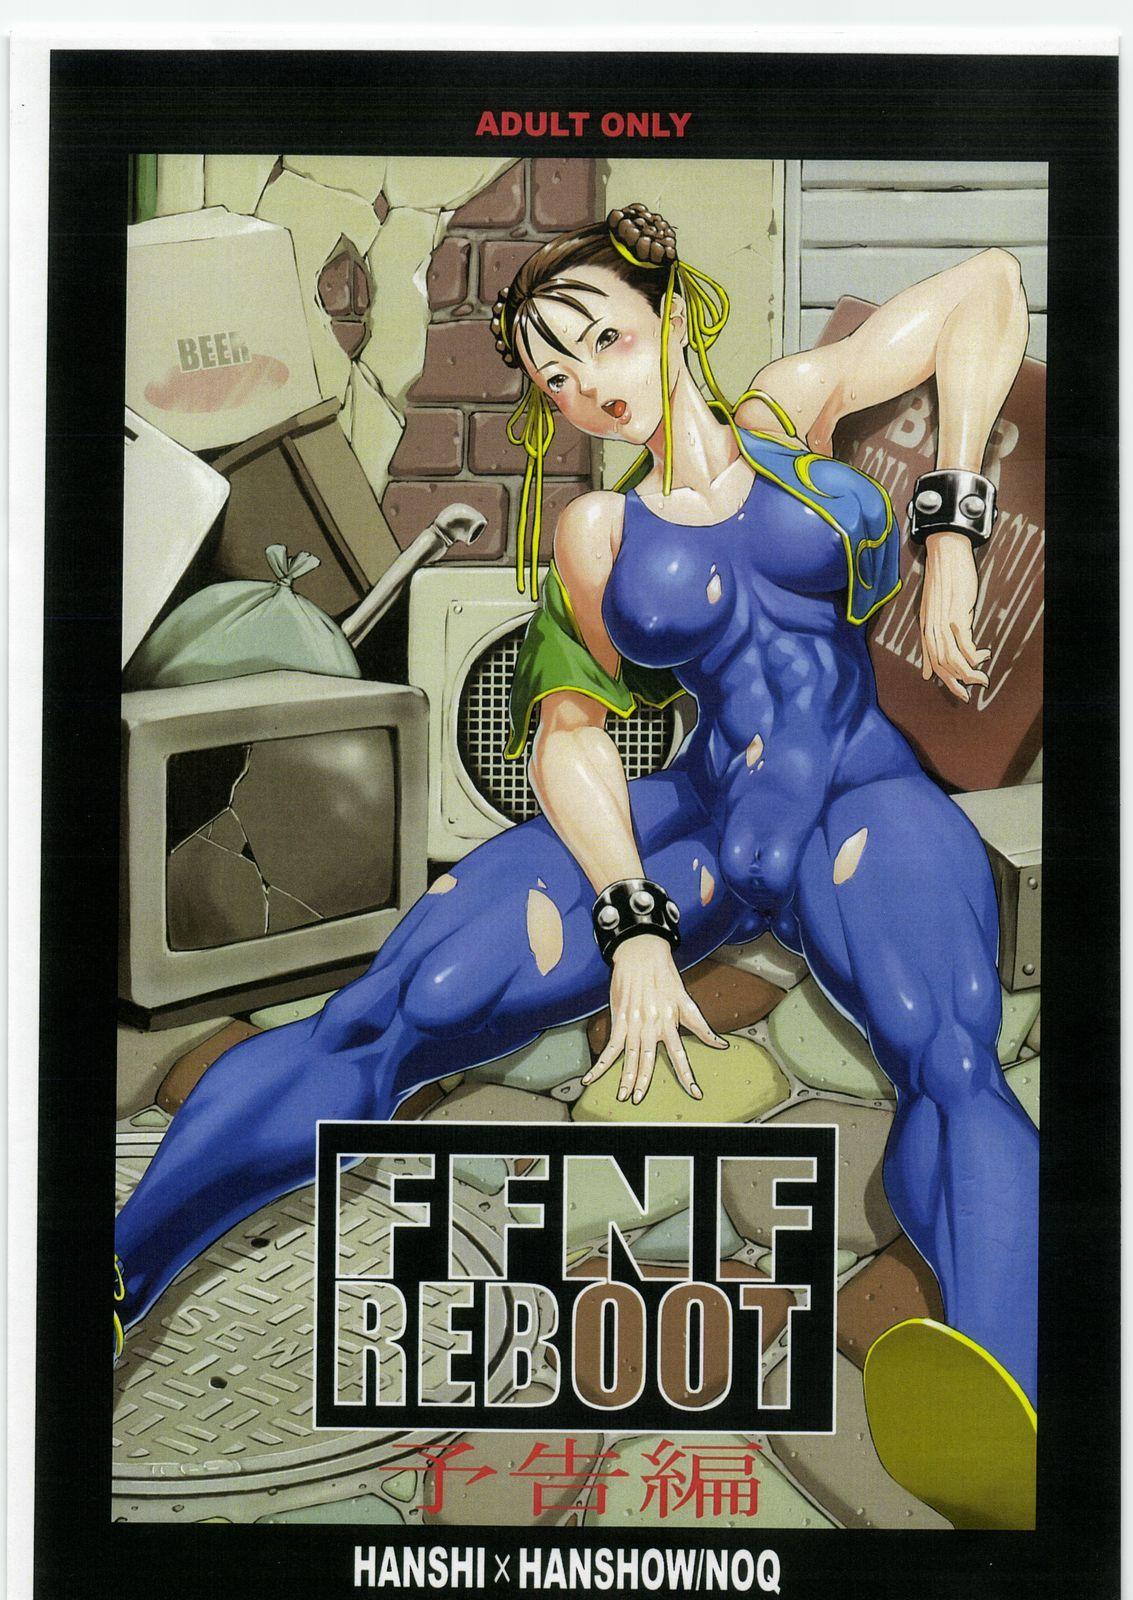 FFNF REBOOT Yokoku-hen 0